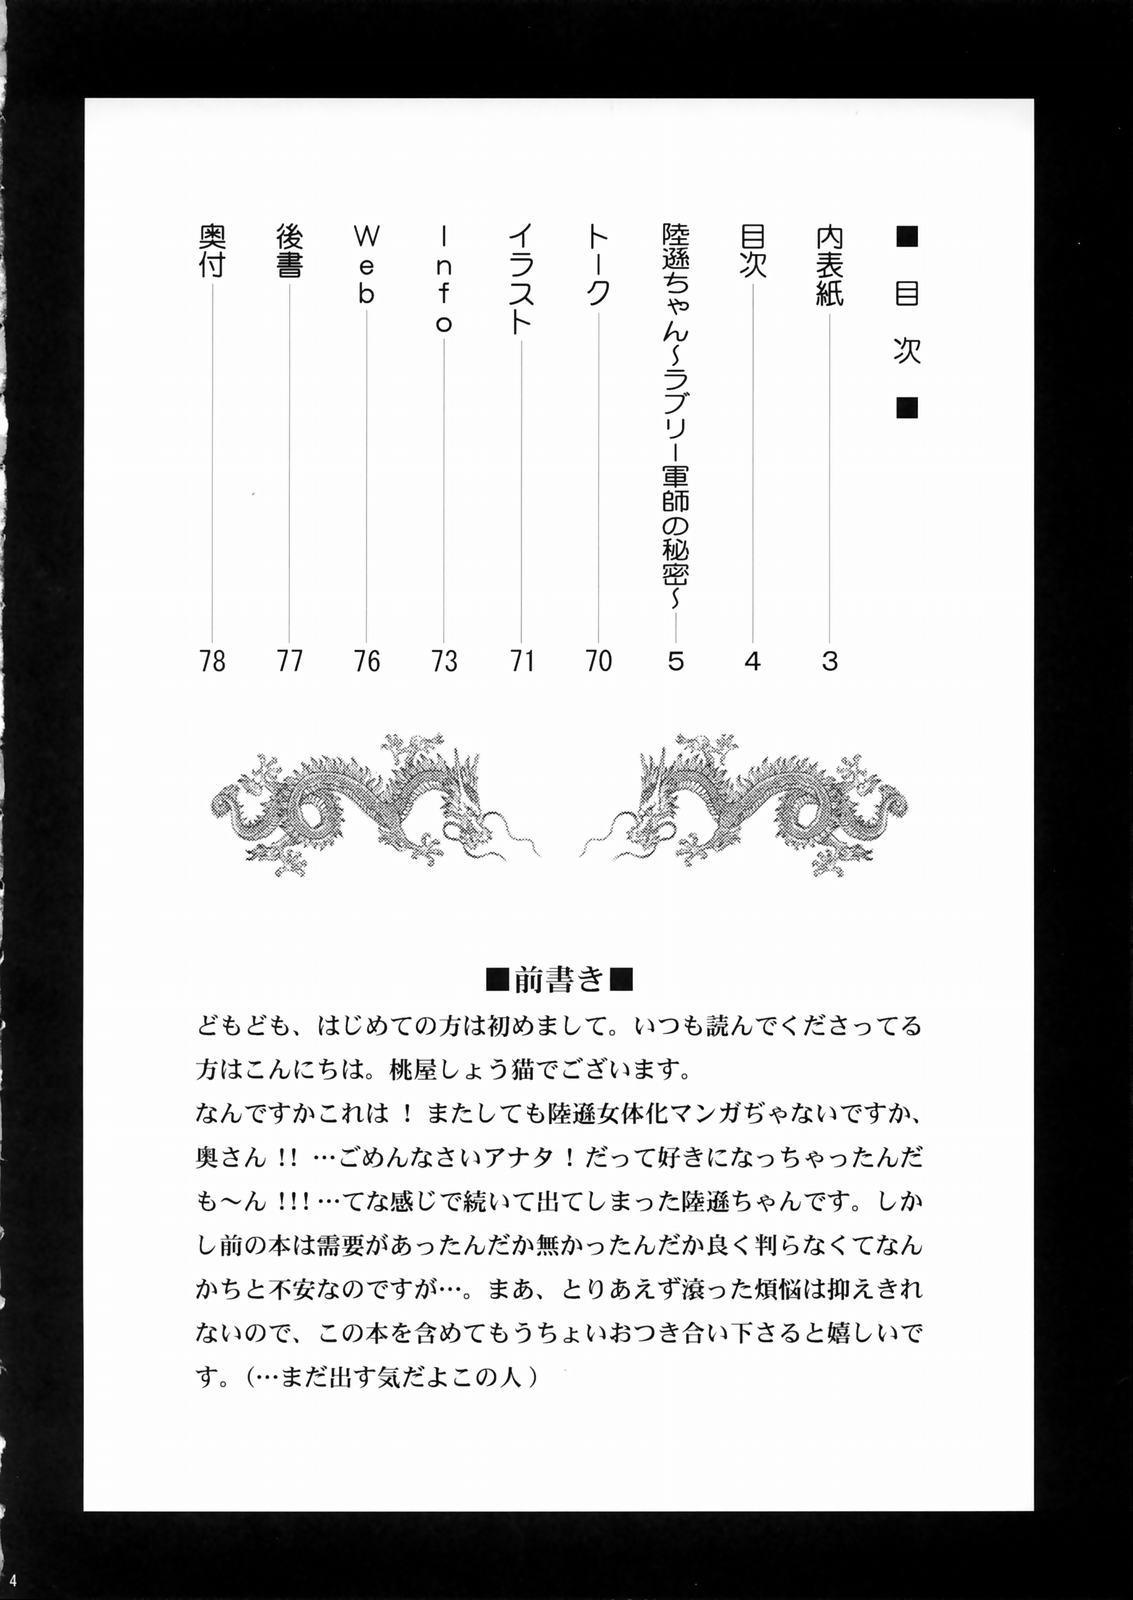 Rikuson-chan 2